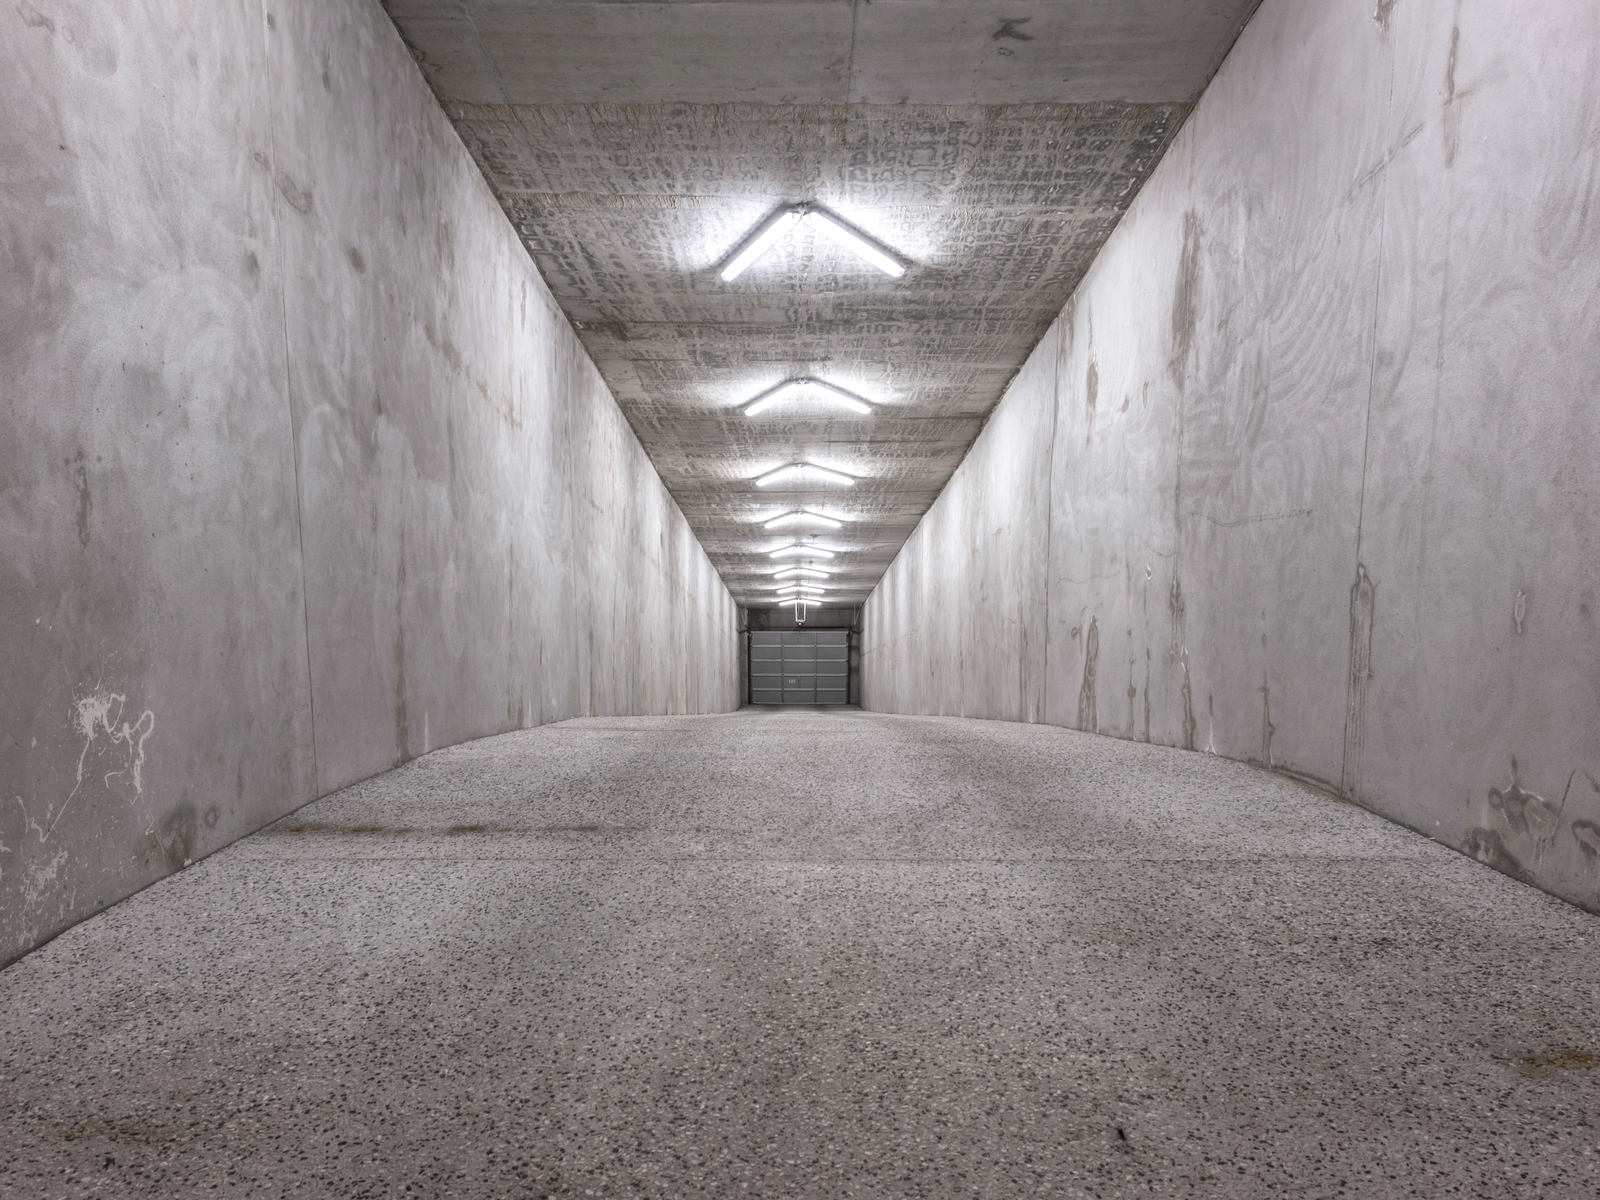 50米长的混凝土封闭隧道让人不禁想起了好莱坞的电影